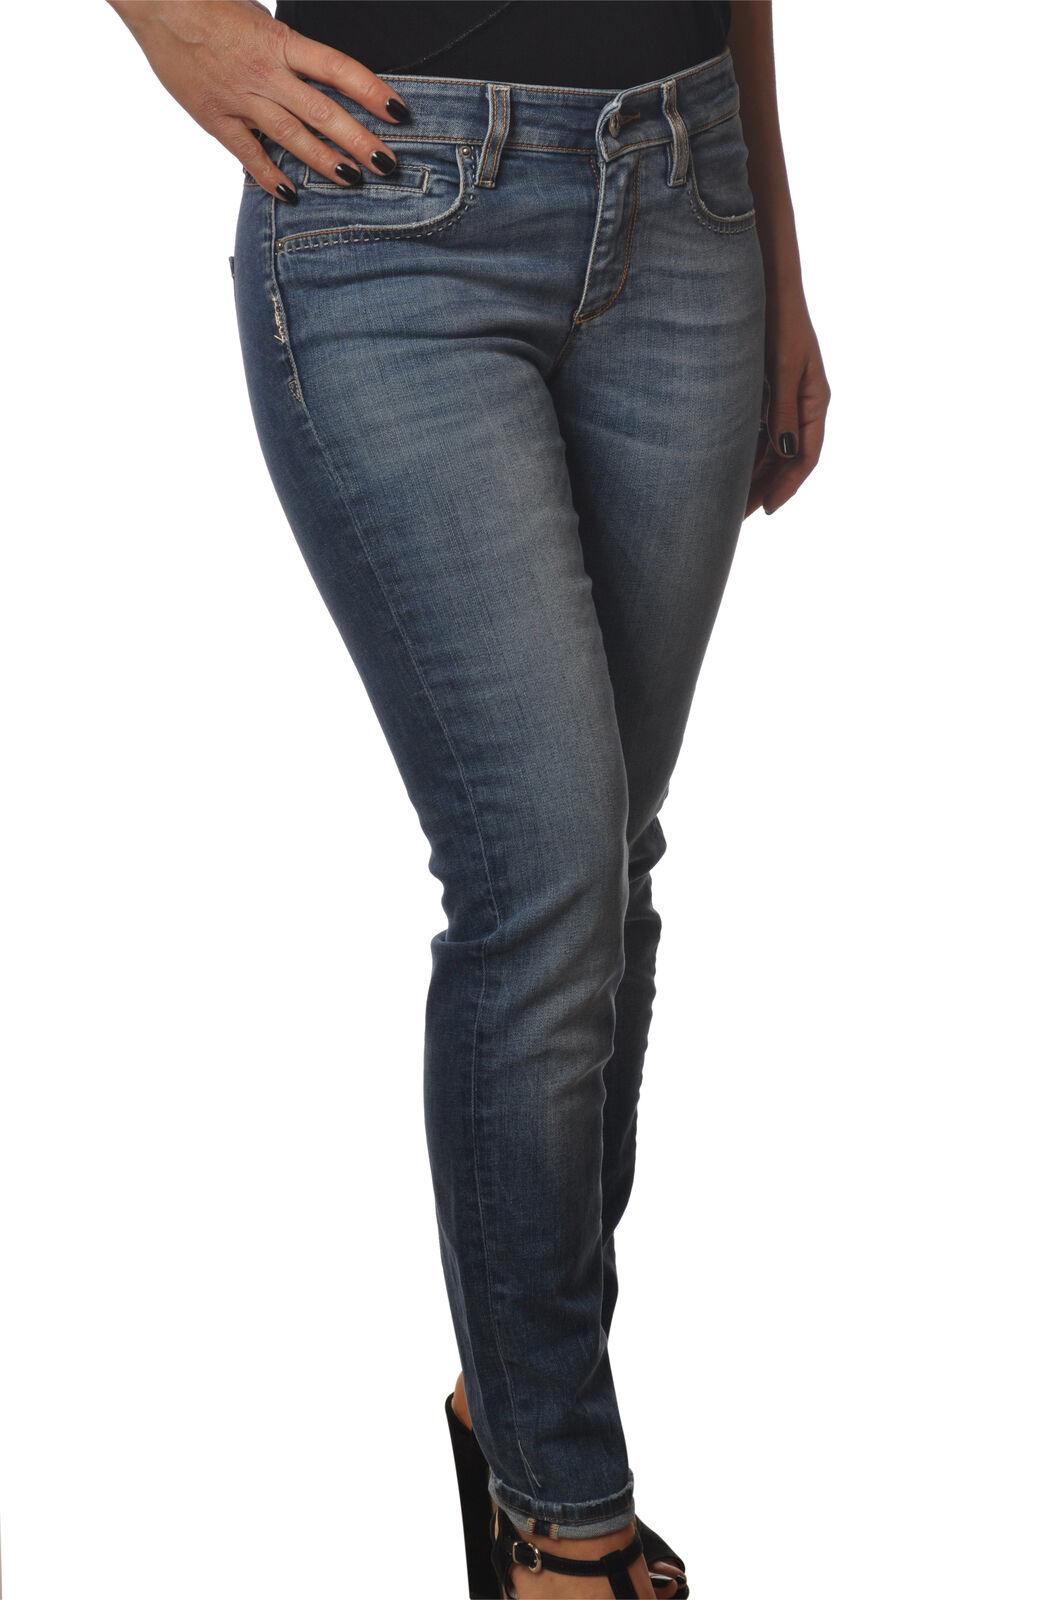 Latinò-Jeans-pantalones-Mujer - Denim -  6267908H190738  comprar ahora